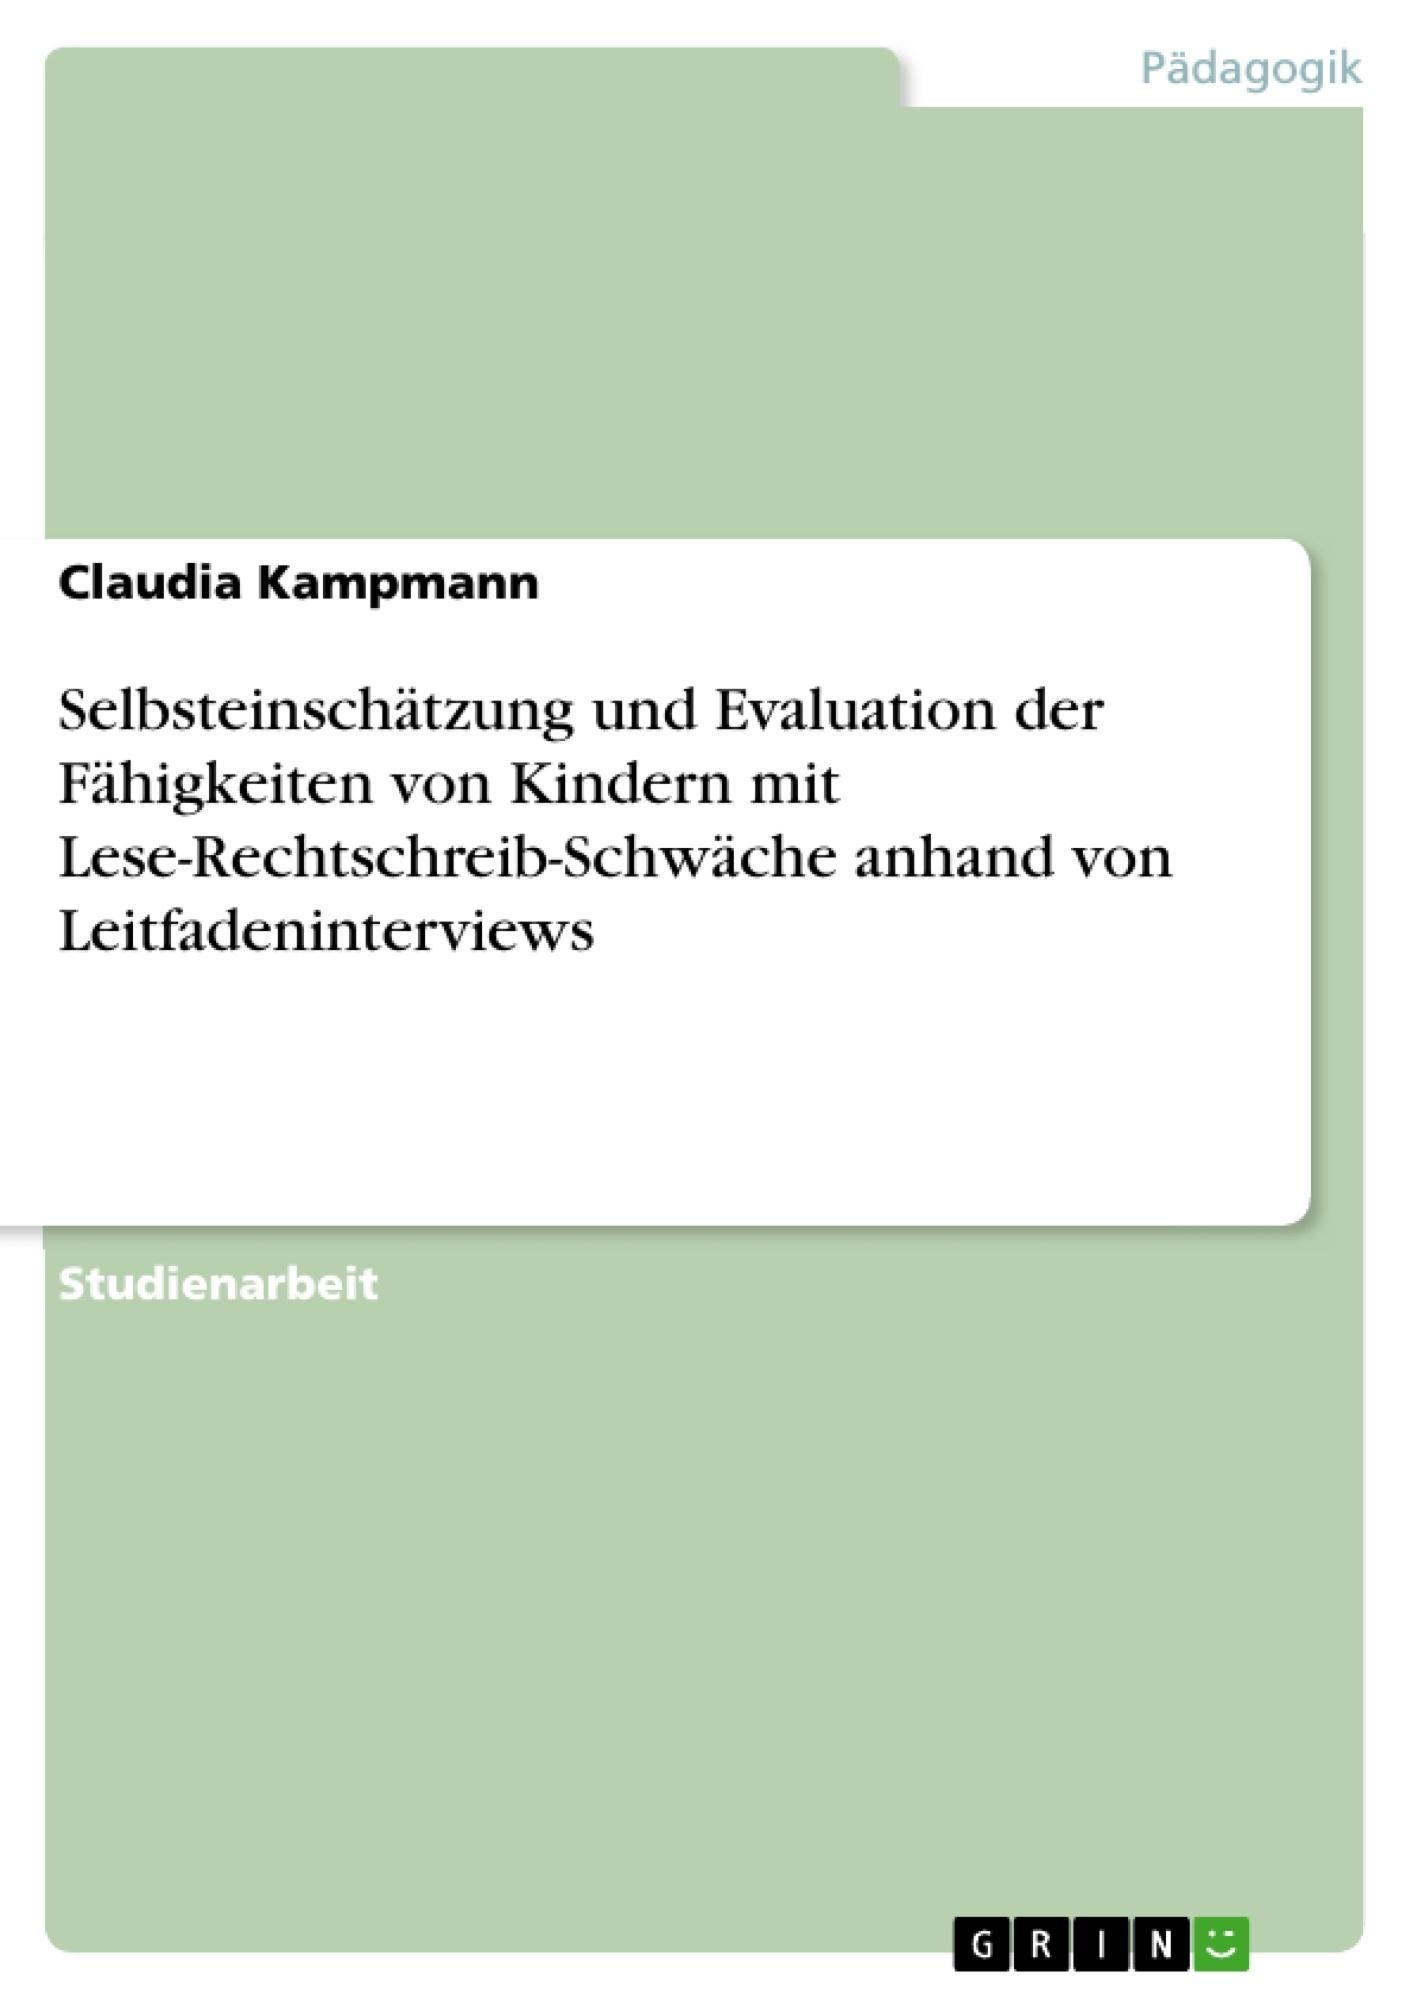 Titel: Selbsteinschätzung und Evaluation der Fähigkeiten von Kindern mit Lese-Rechtschreib-Schwäche anhand von Leitfadeninterviews